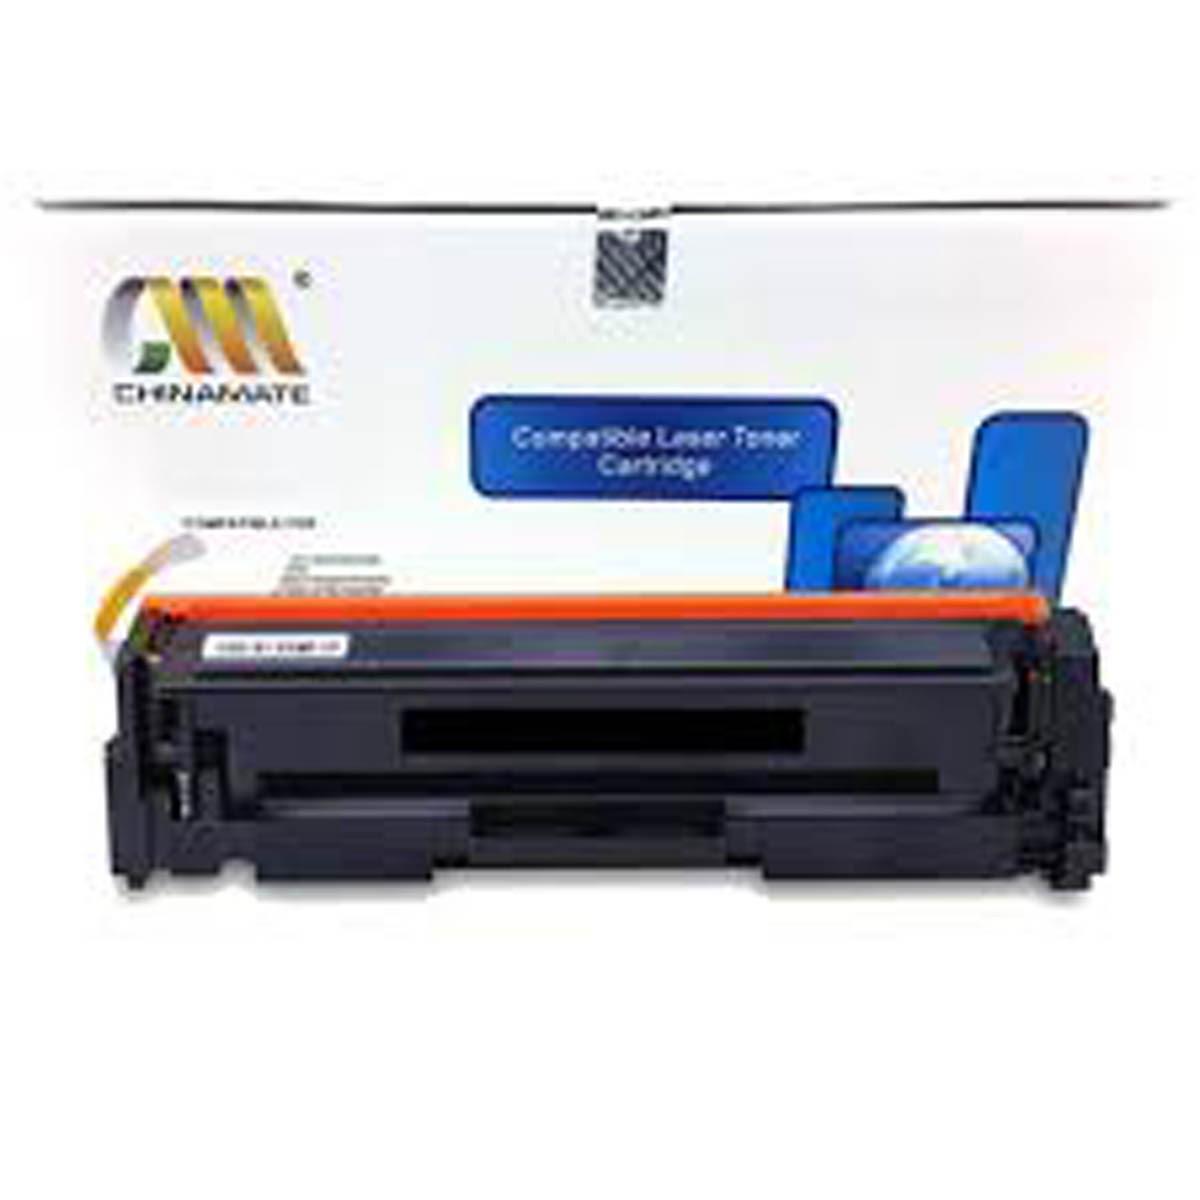 Toner Compatível com HP CF500A CF500 202A Preto - M281FDW M254DW M-281FDW M-254DW